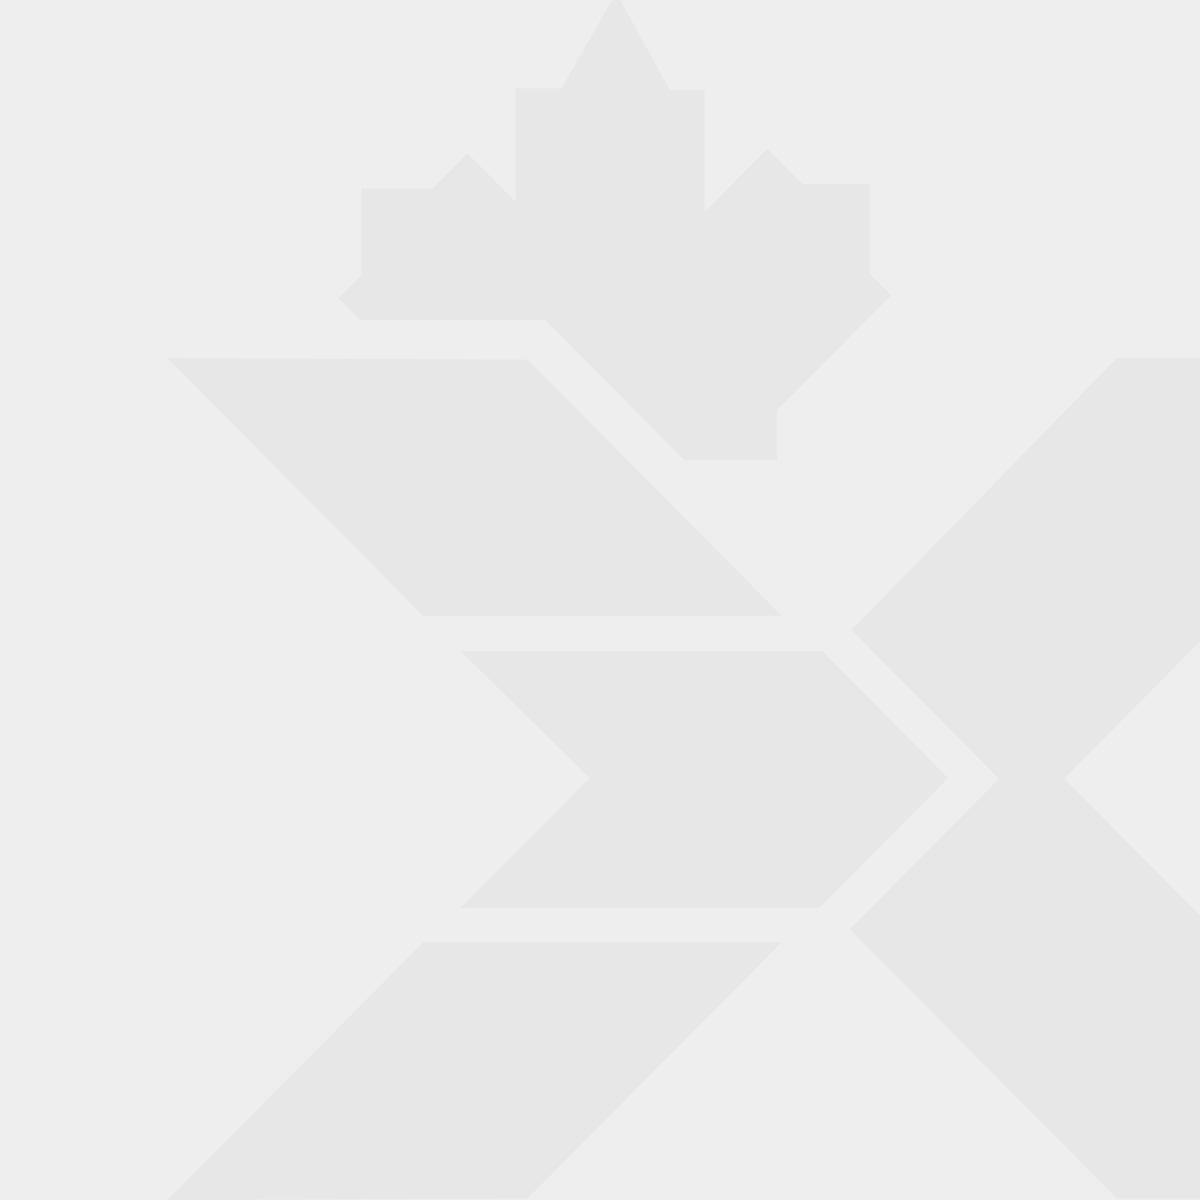 La Légion Royale Canadienne - La tombe du soldat inconnu